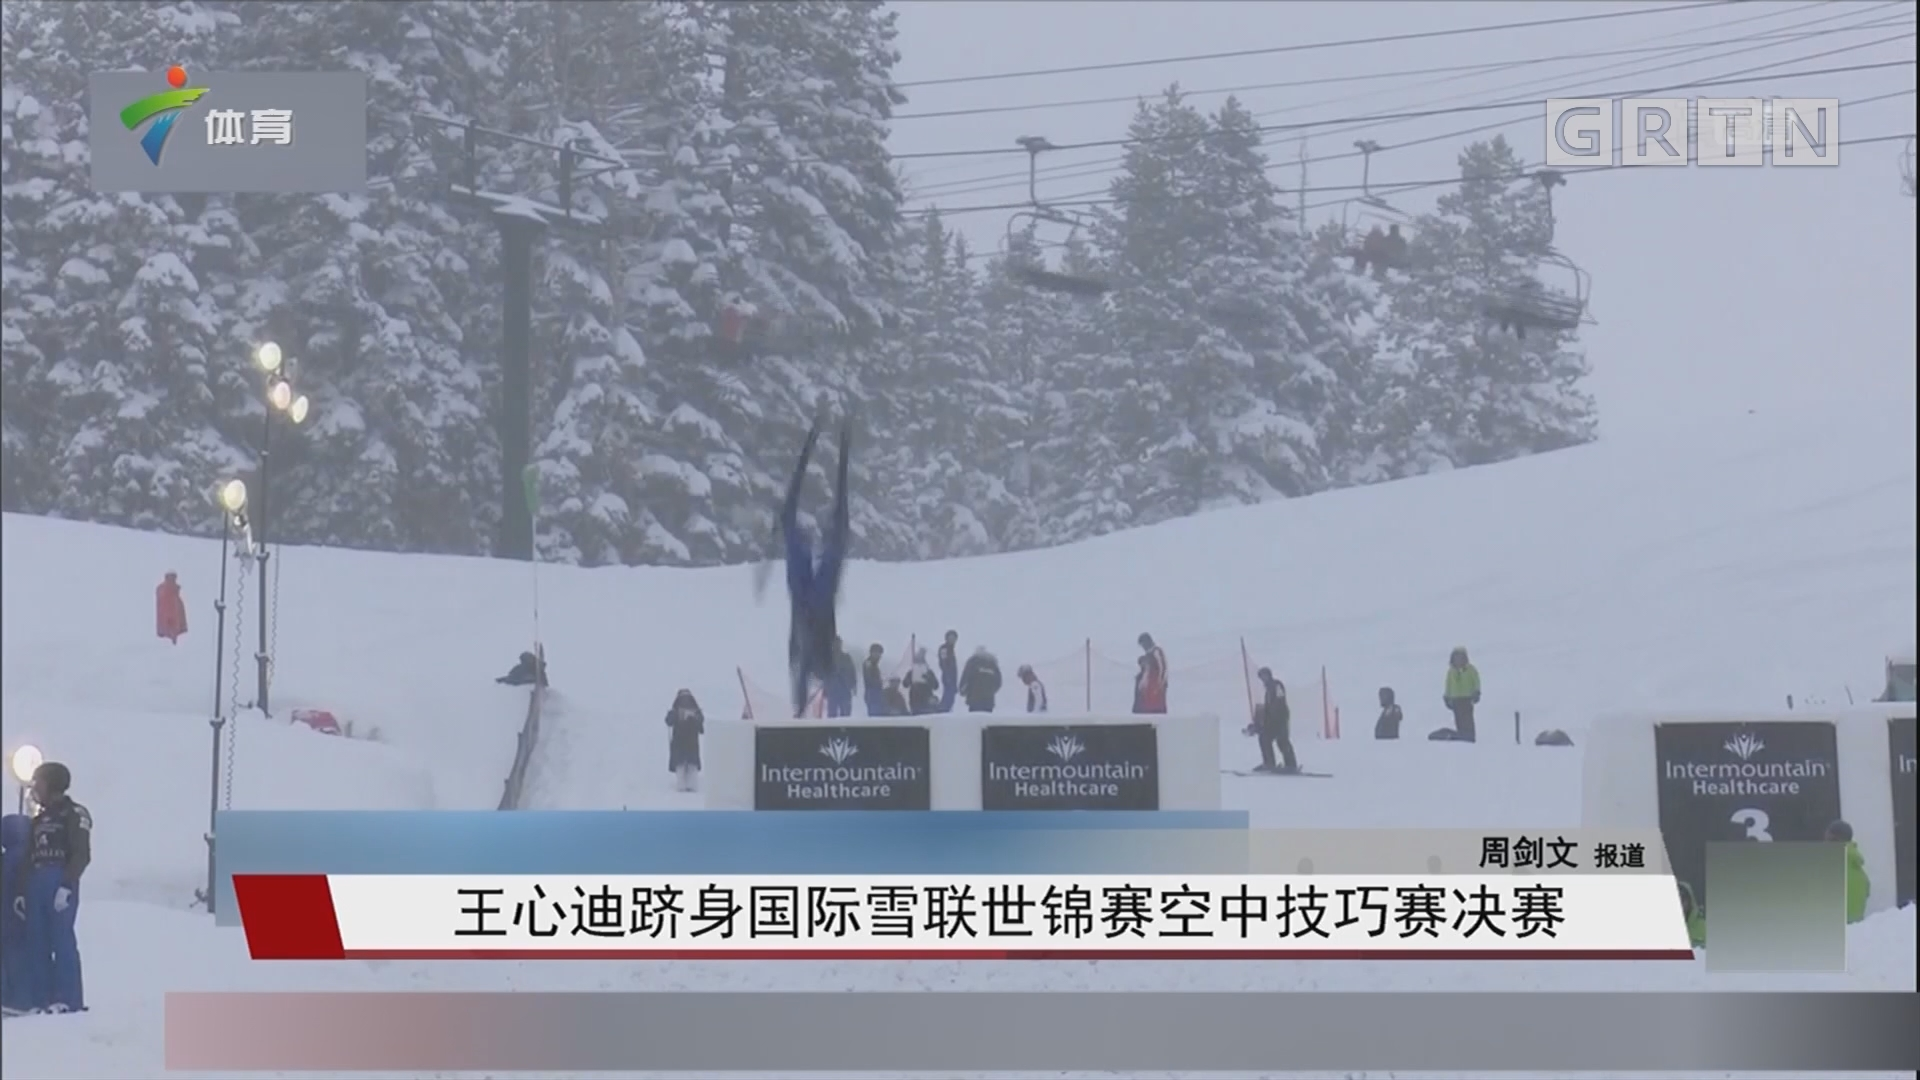 王心迪跻身国际雪联世锦赛空中技巧赛决赛